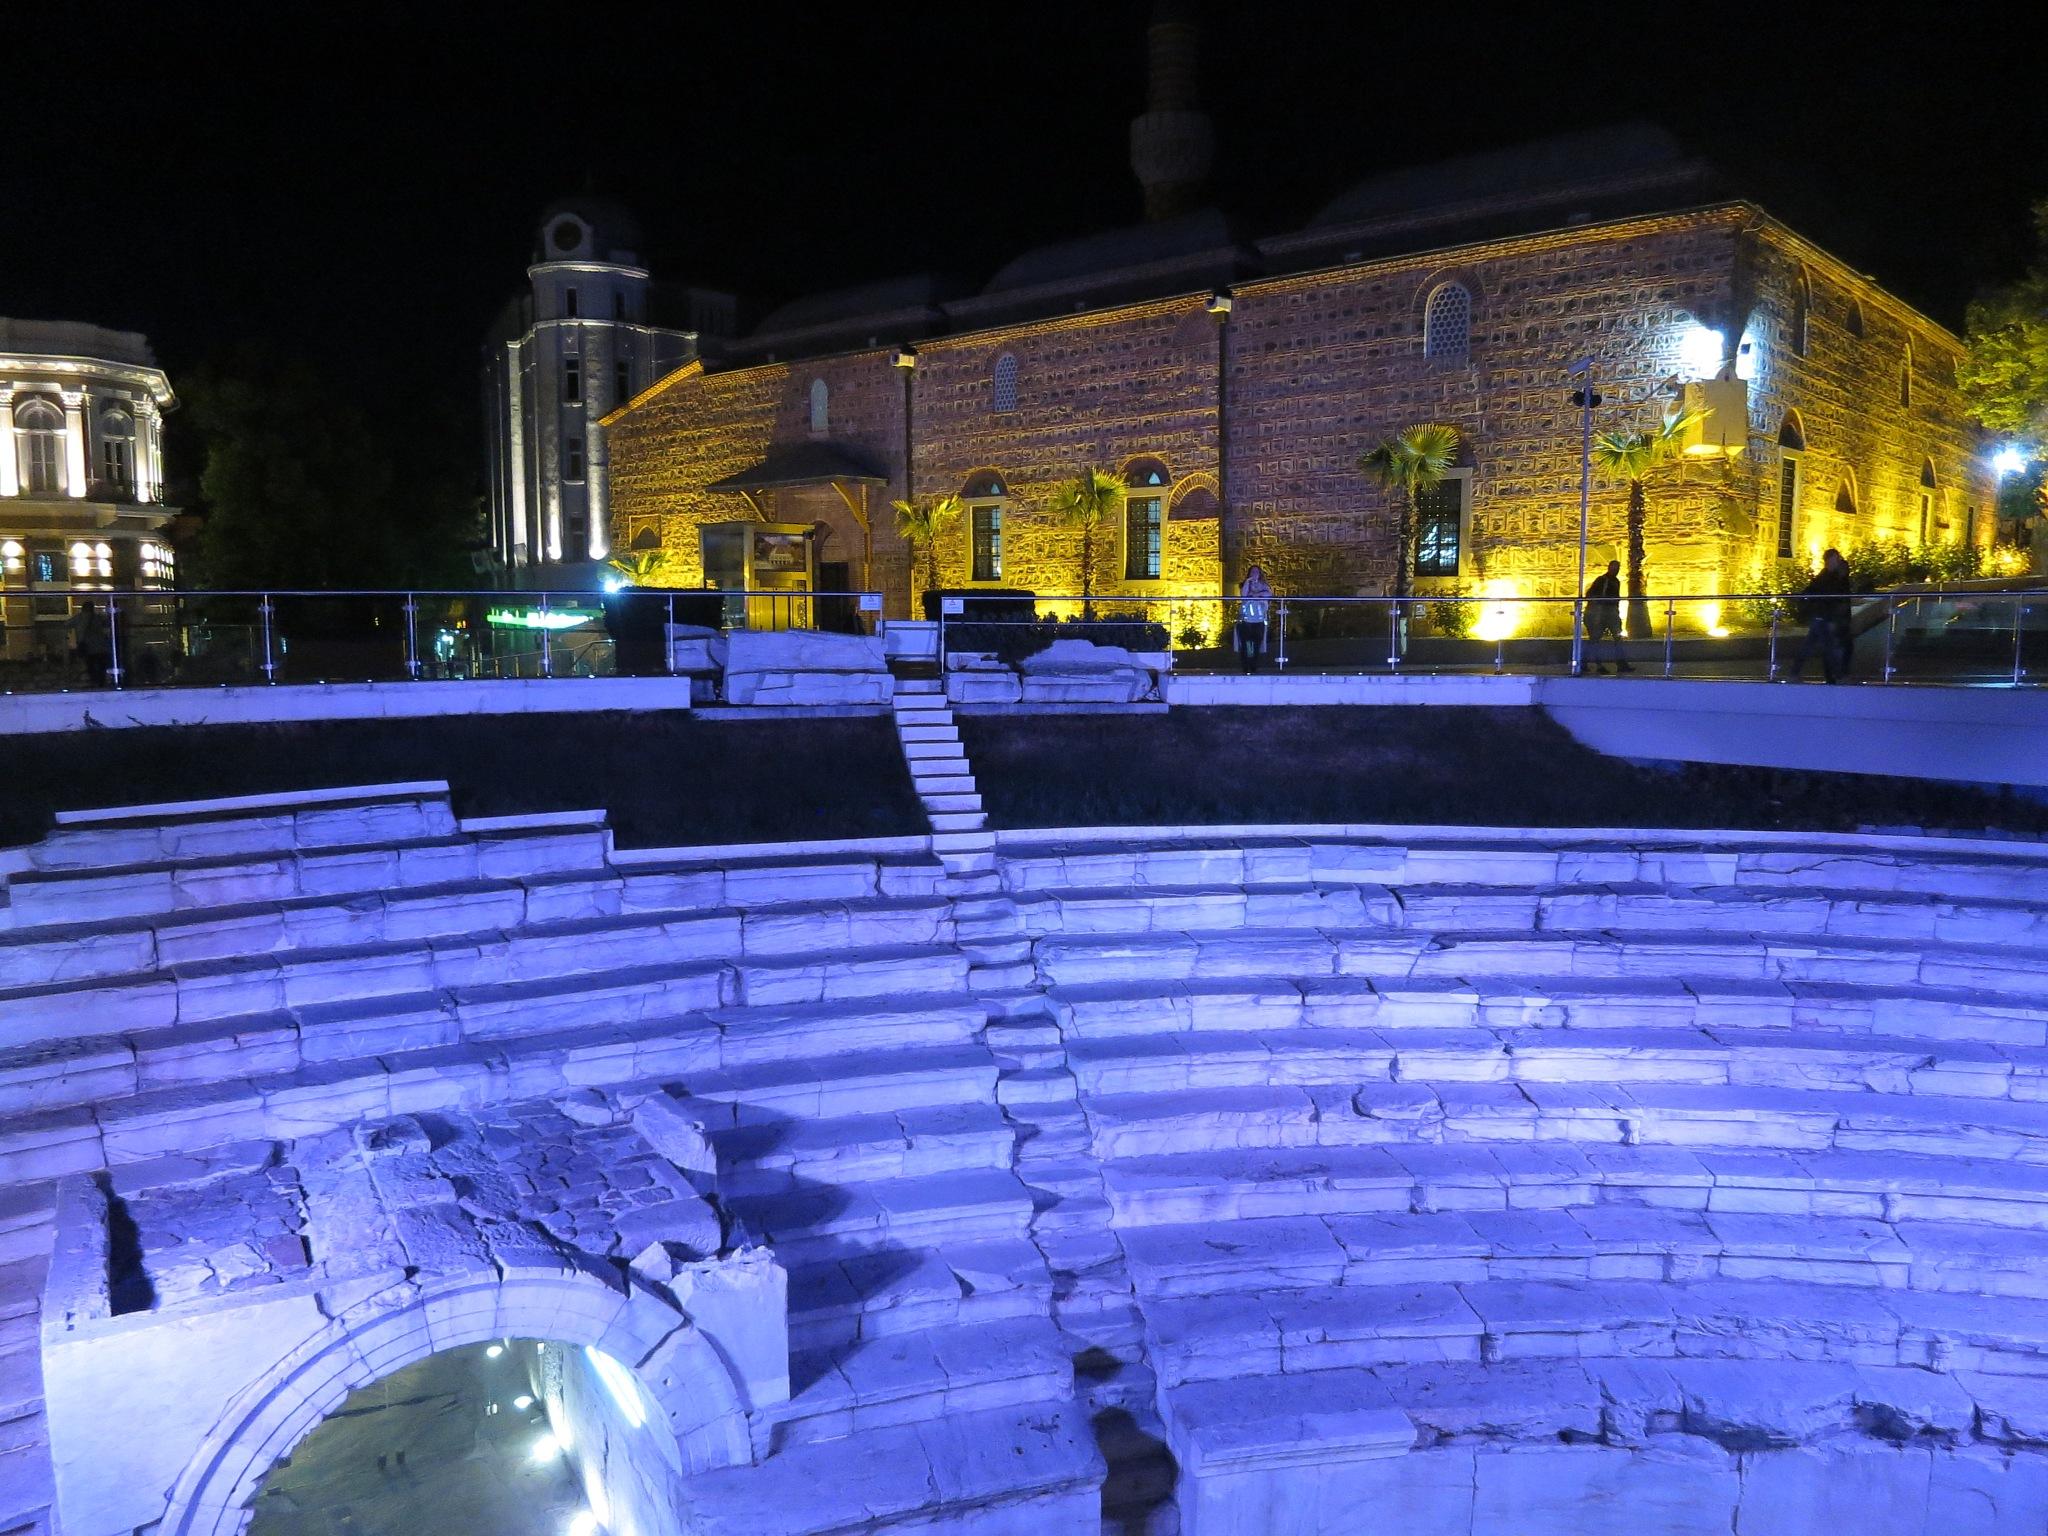 Plovdiv 3 by GraemeLeePollard